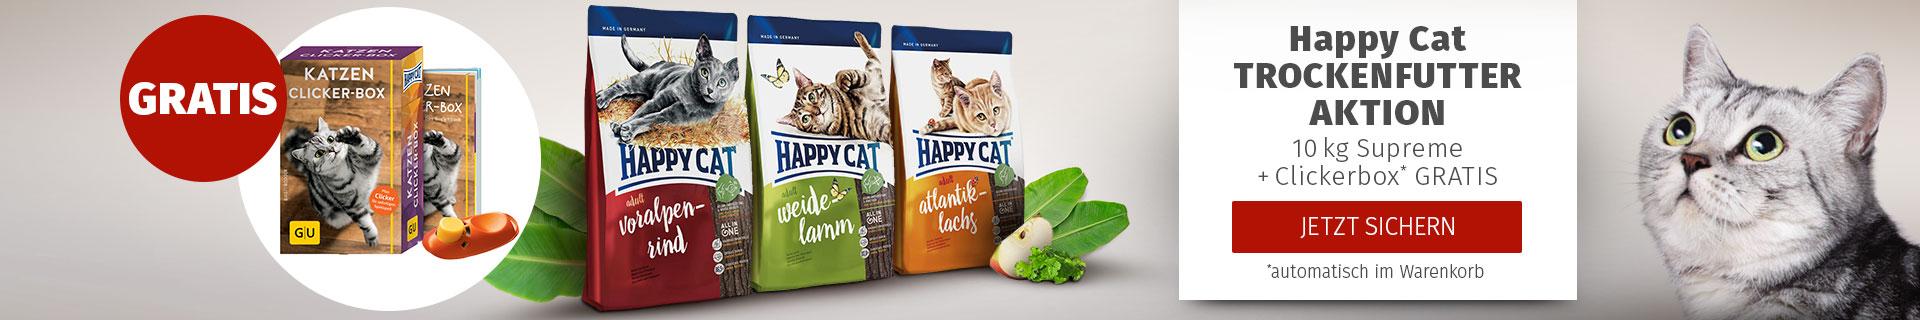 Happy Cat Trockenfutter Aktion